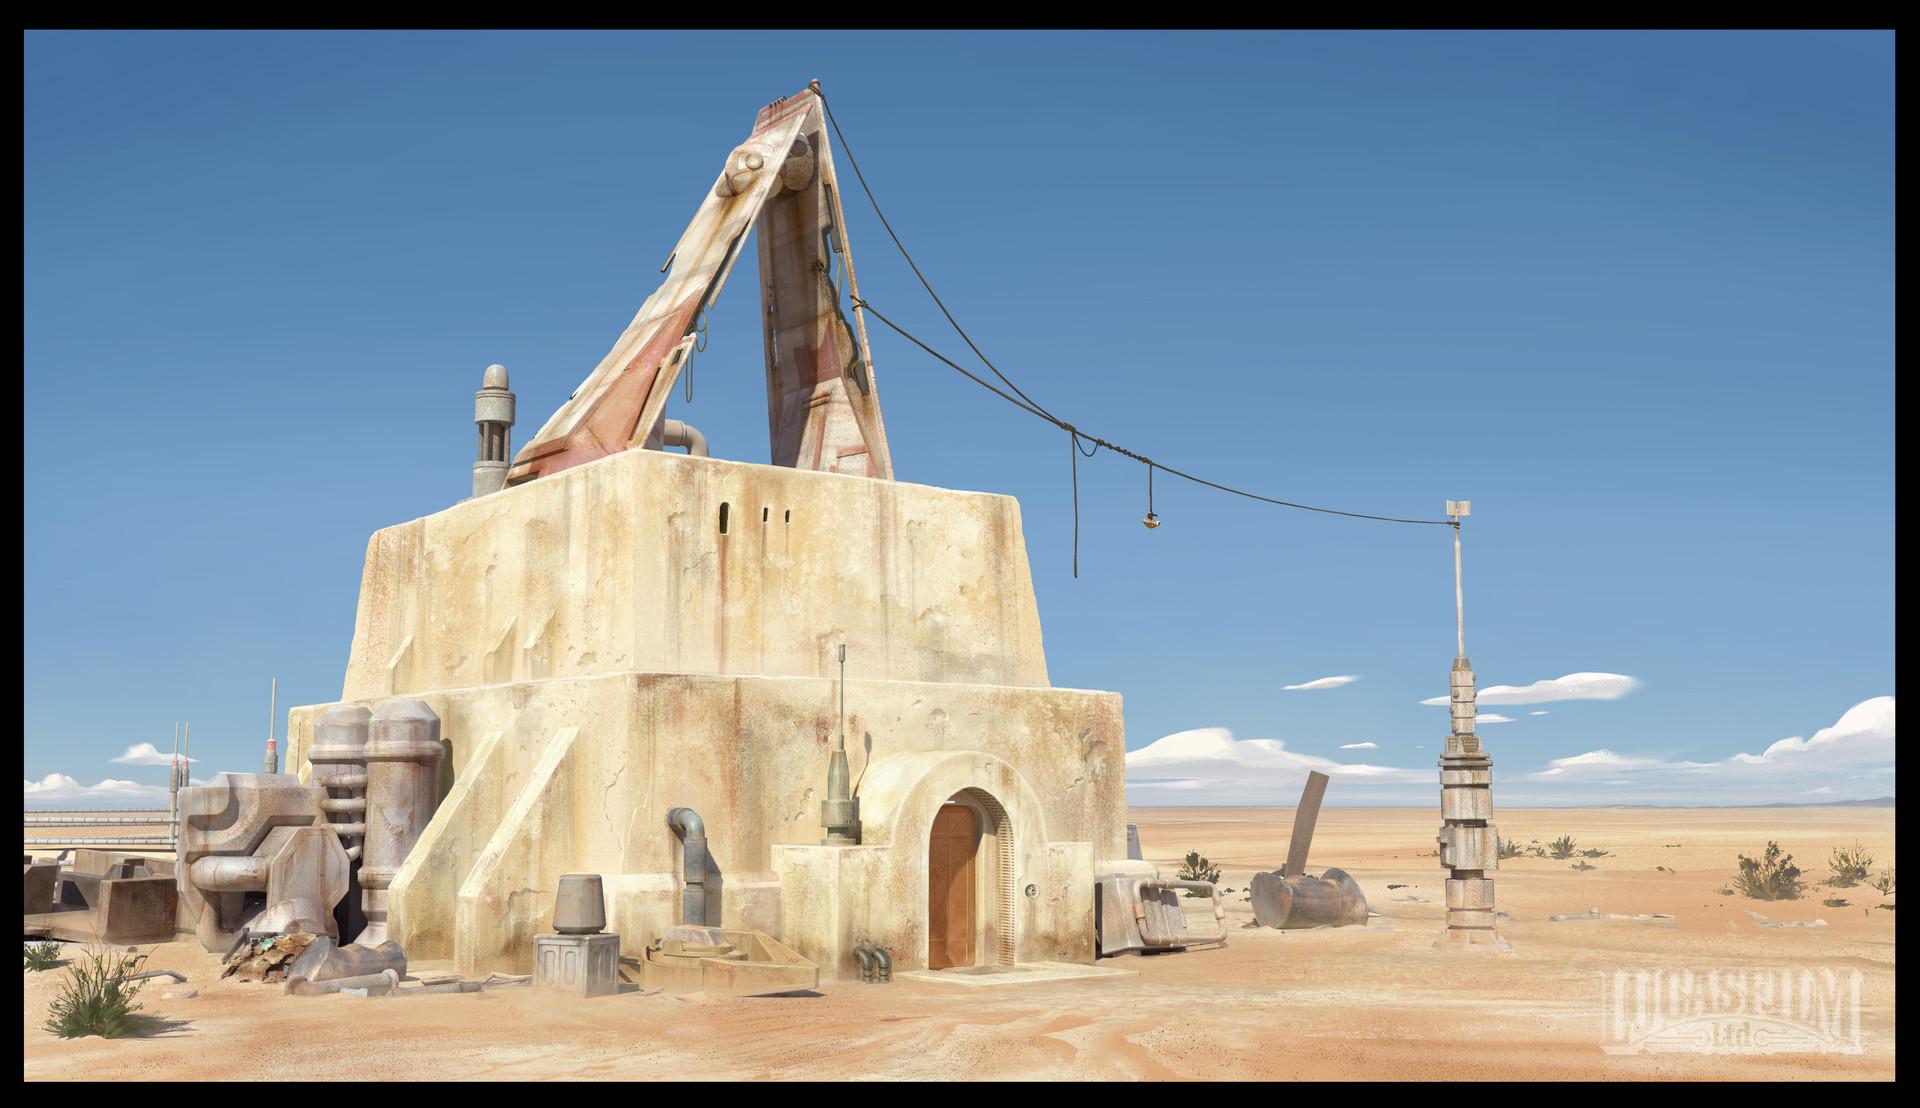 Artstation - Tatooine Outpost John-paul Balmet